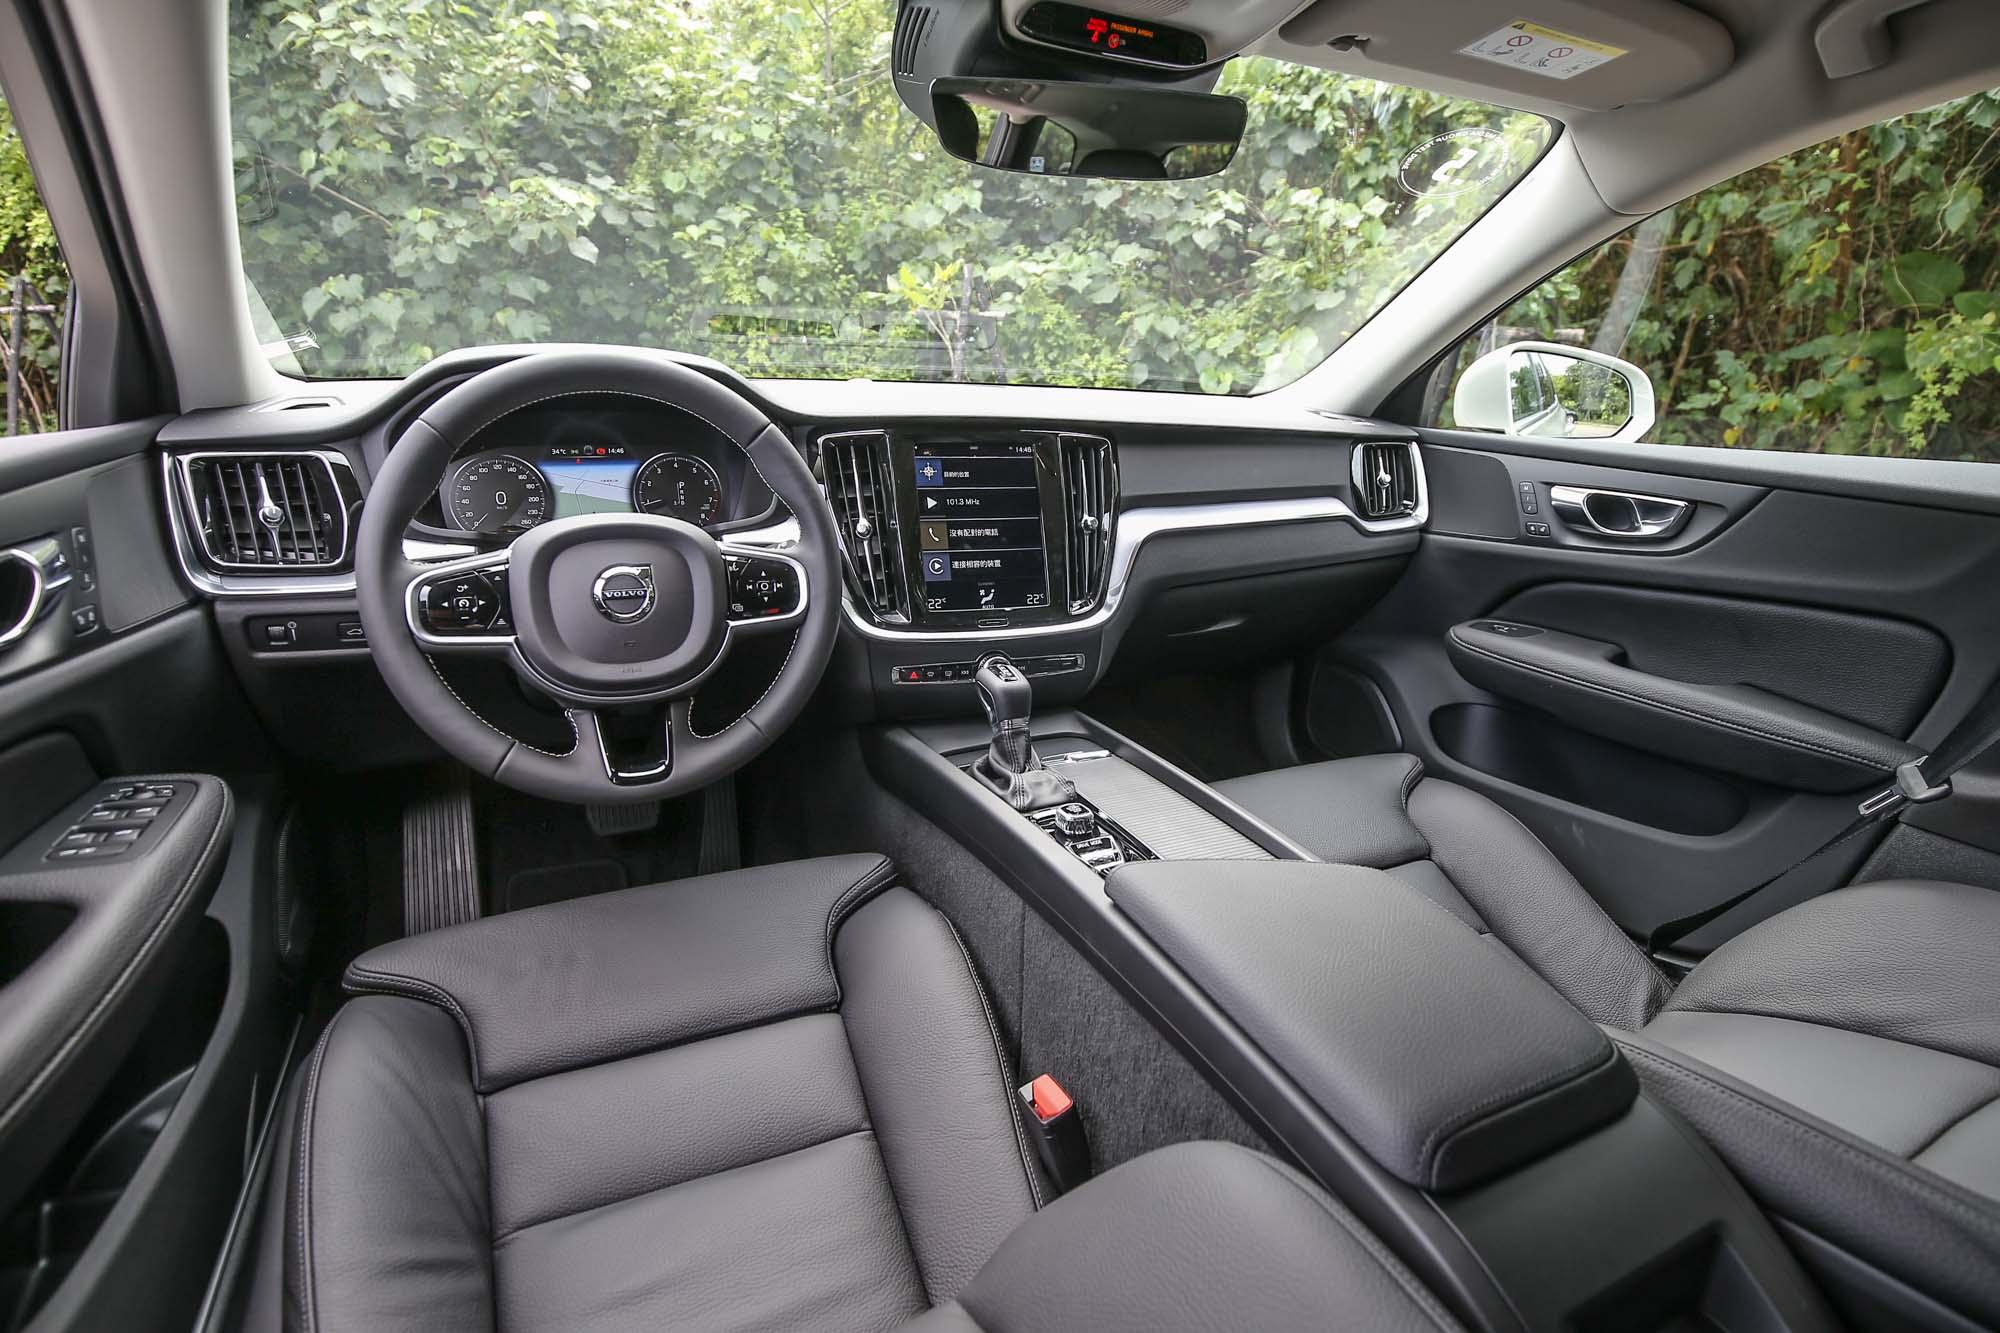 熟悉的中控臺佈局,標準的 Volvo 新世代家族風格。